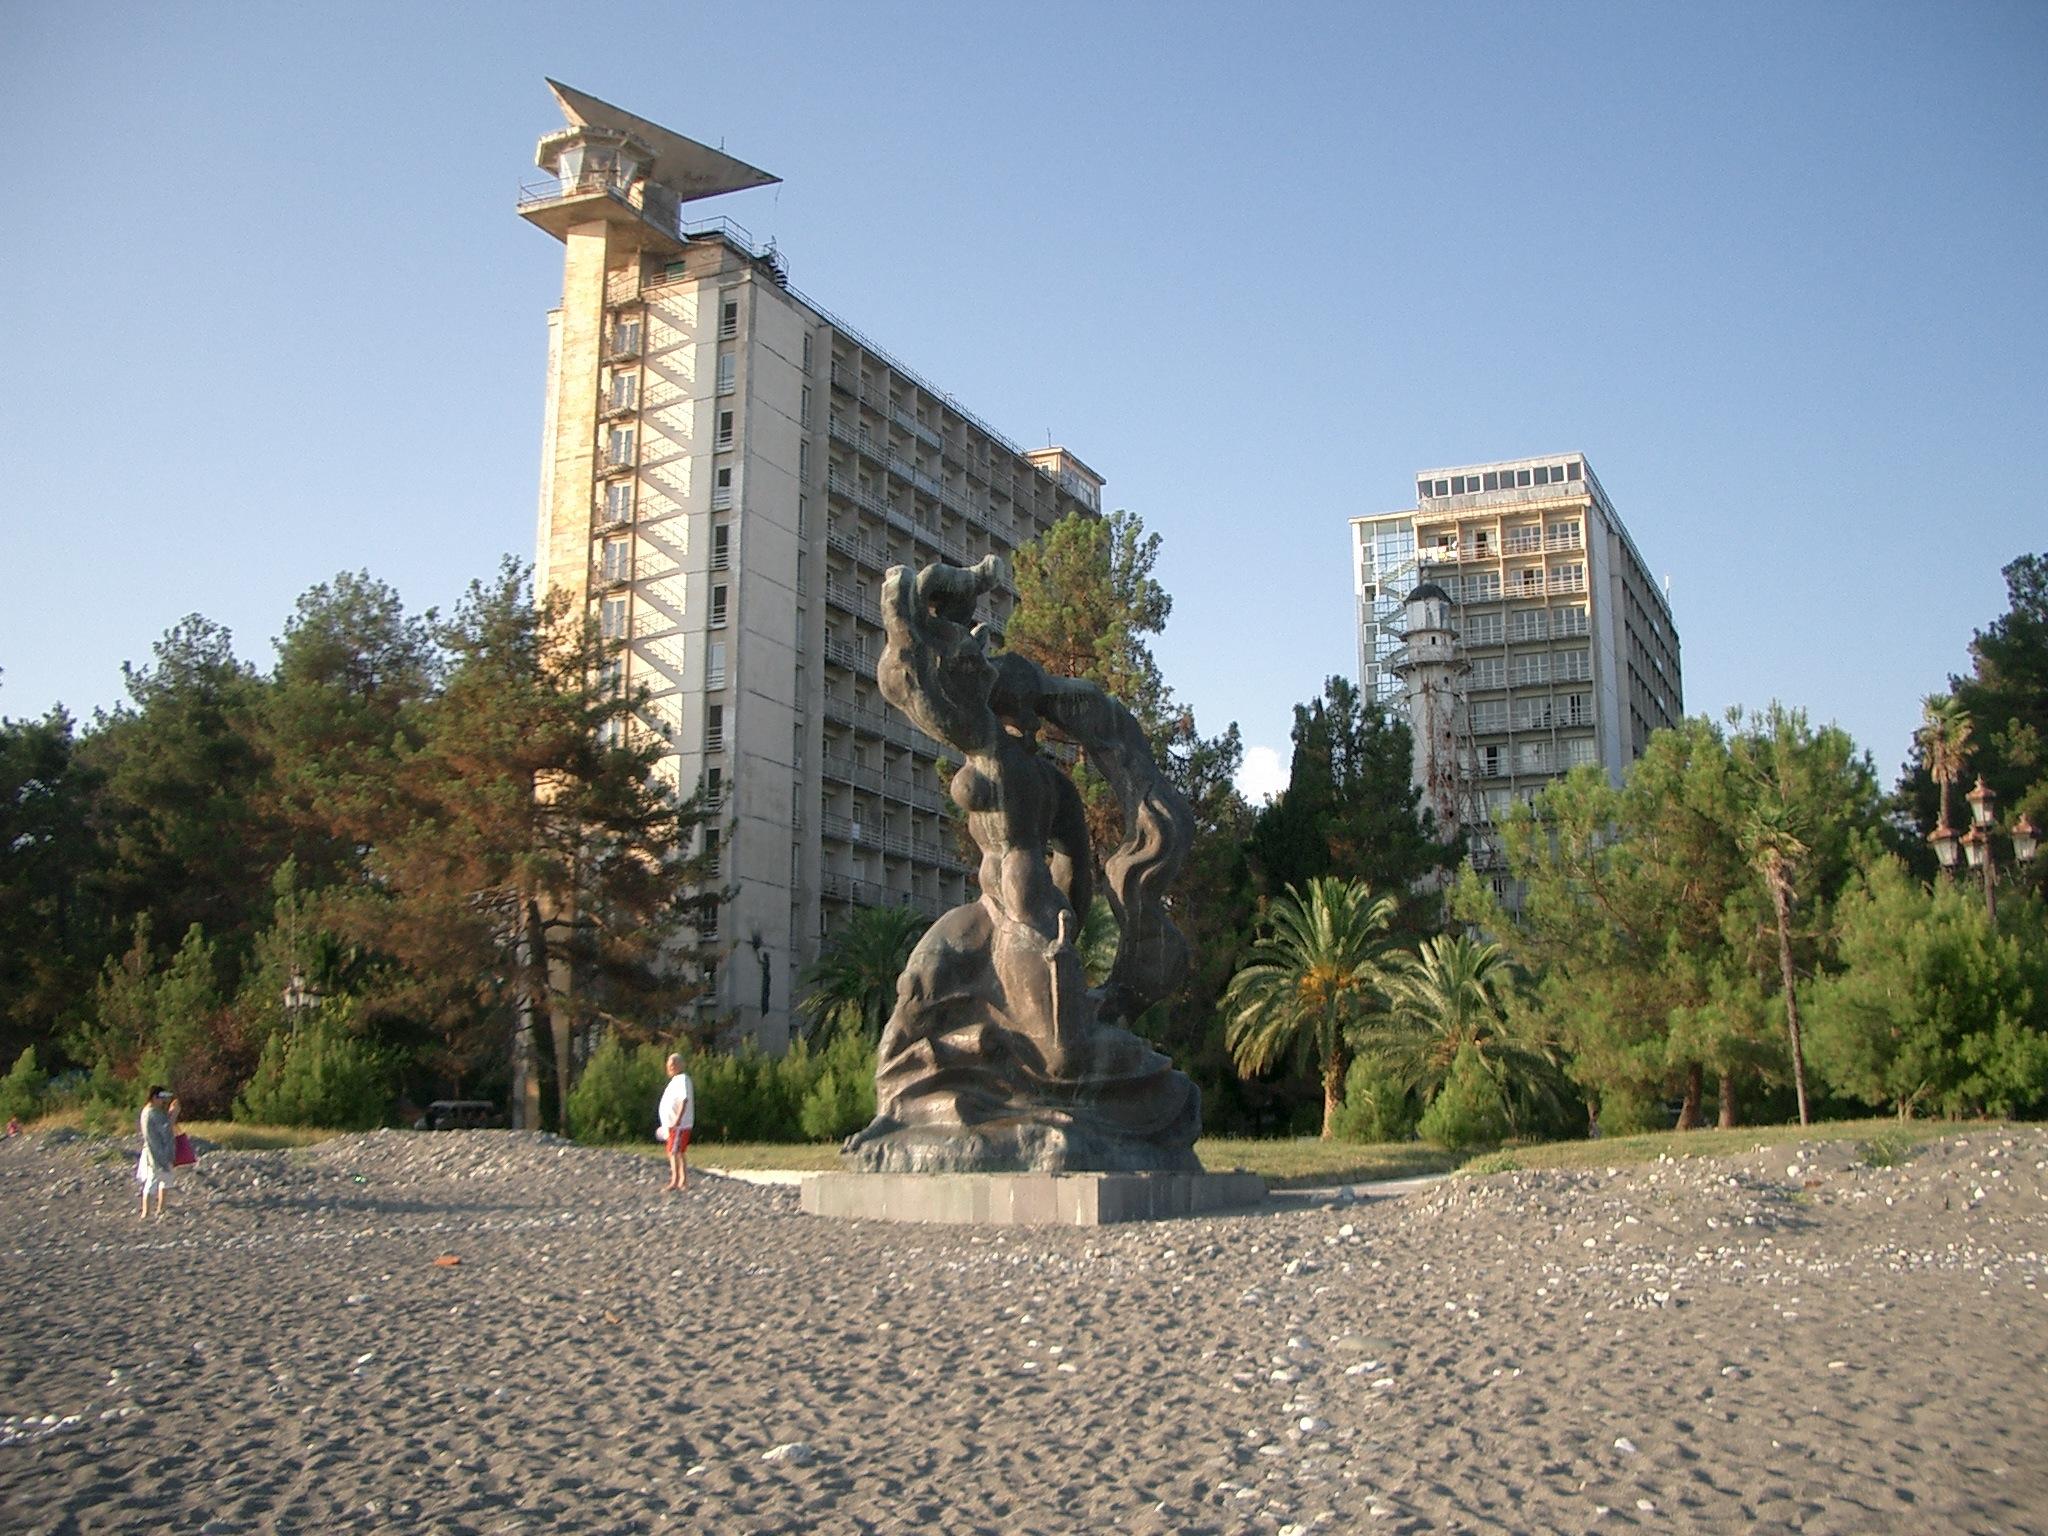 Neuvostolaista hotelliarkkitehtuuria ja pari turistia Pitsundan mäntyisellä niemellä. Huomaa pienehkö isänmaallis-sosialistinen naishahmo etualalla.